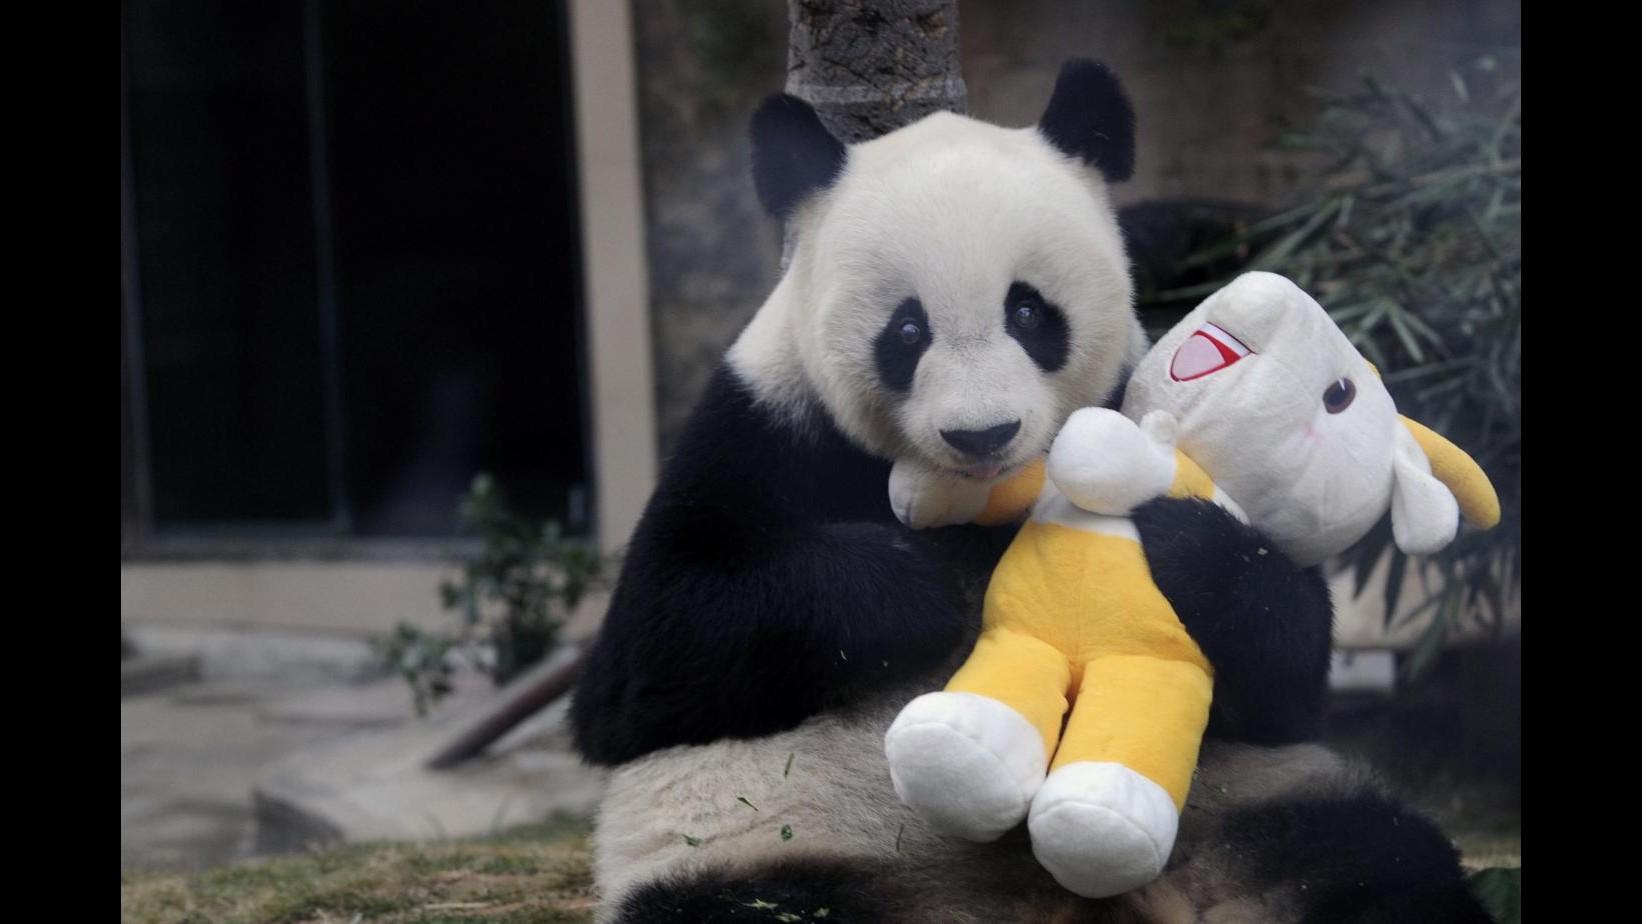 Cina, panda Basi compie 35 anni: è il secondo più vecchio al mondo